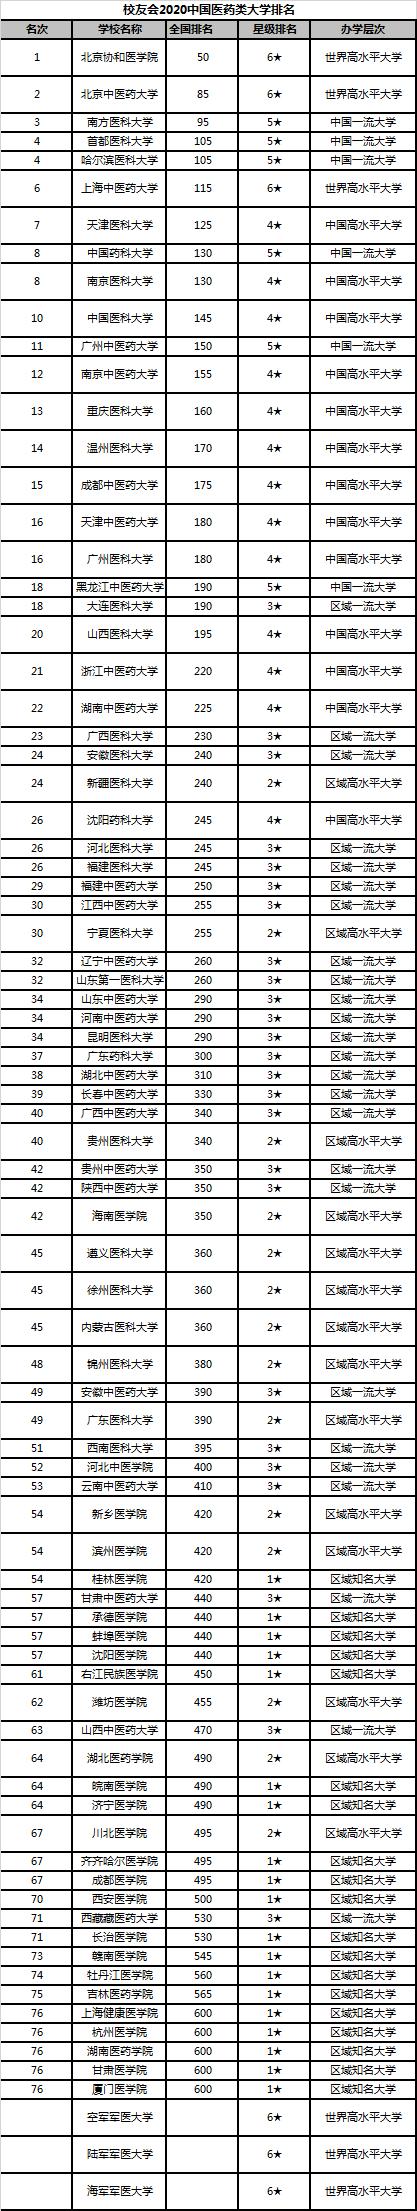 校友会2020【外】国医药类【年夜】【教】排名 【南】京协【战】医【教】院第一